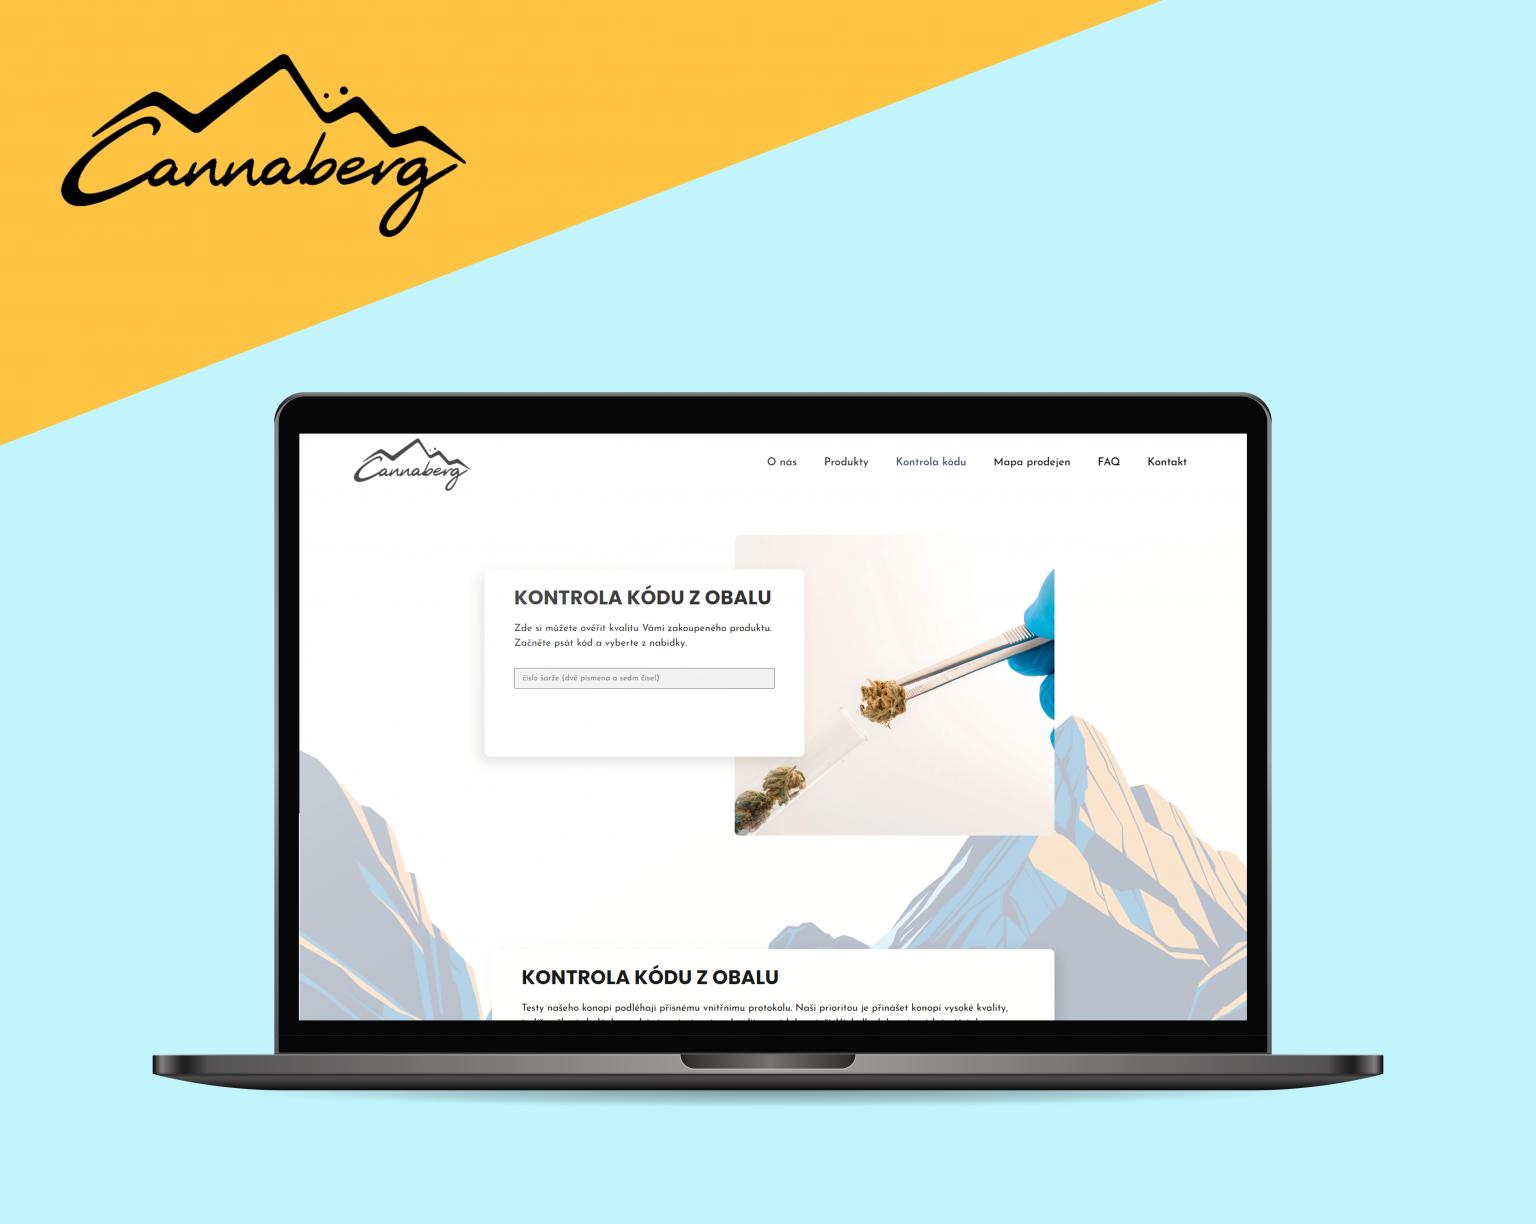 Webové stránky Cannaberg